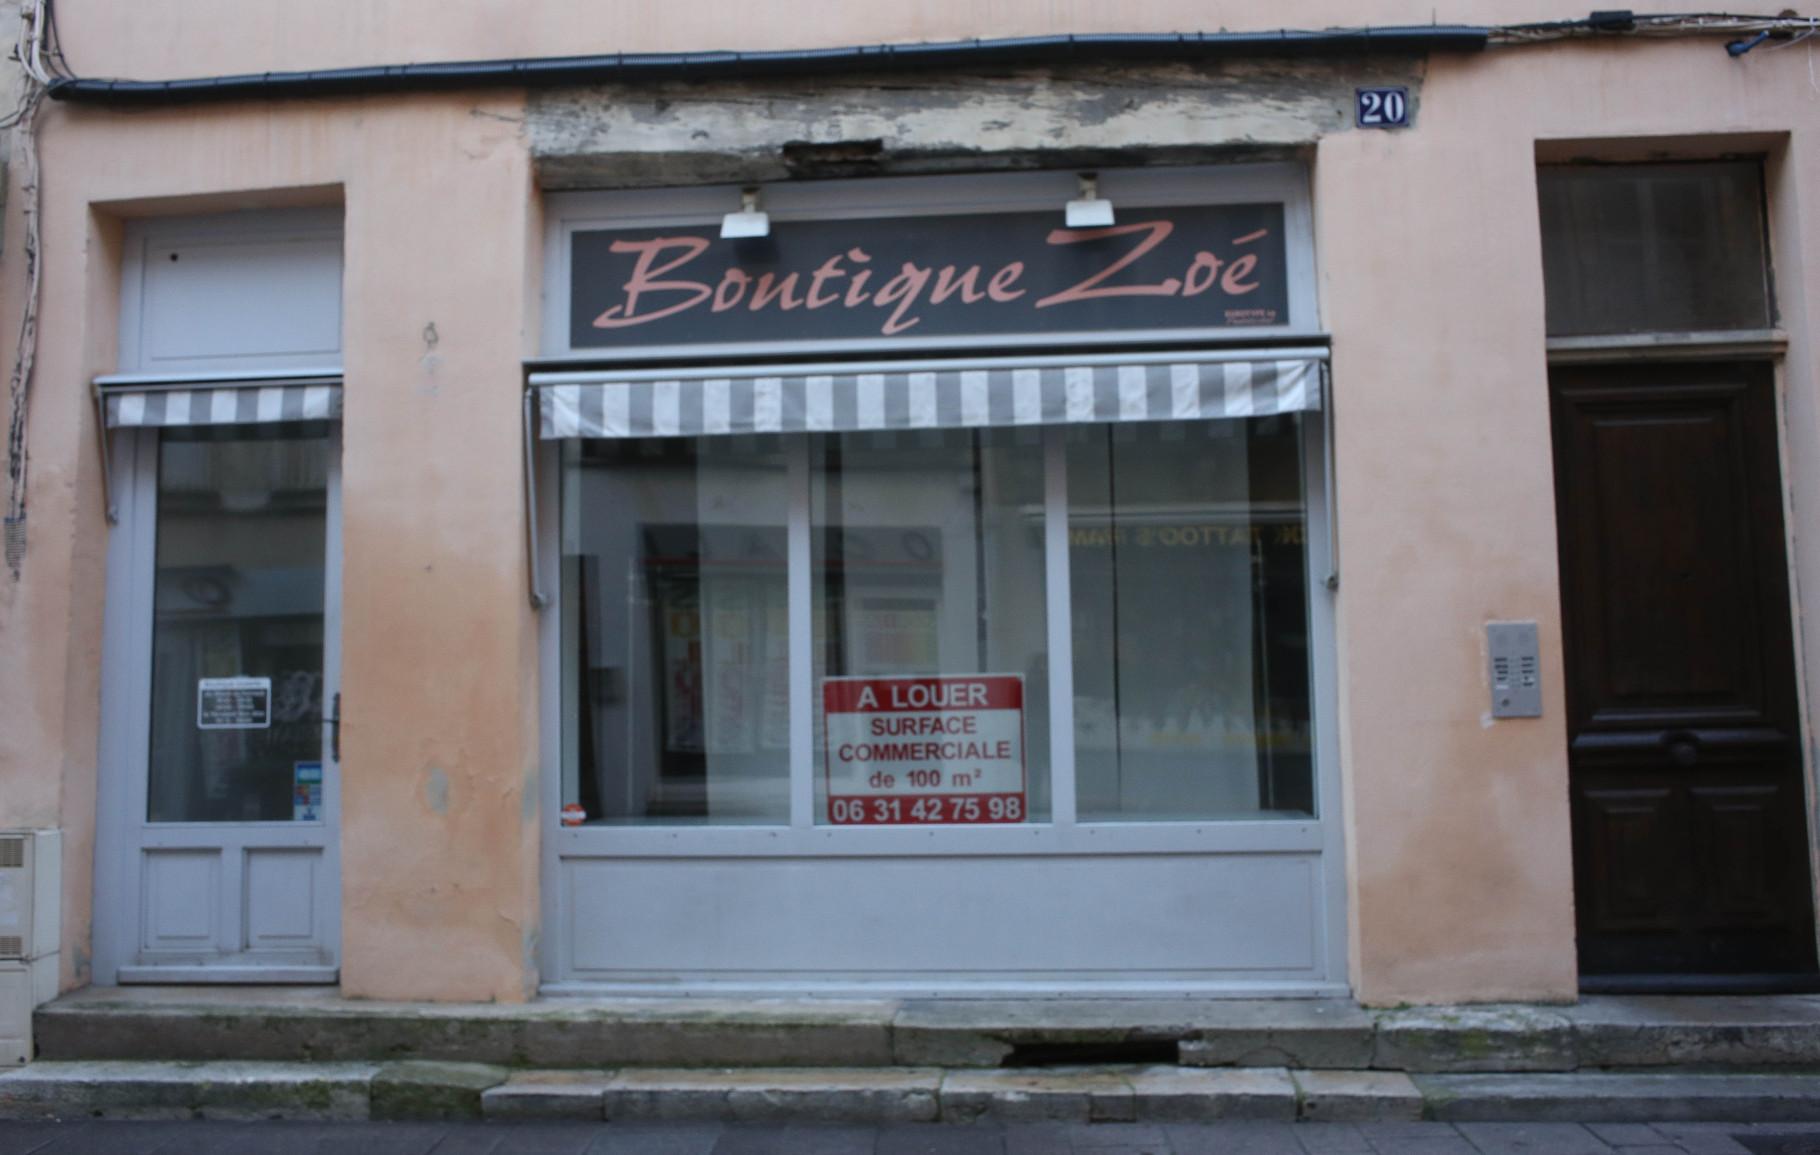 20 rue Aux Fèvres - 06 31 42 75 98 - Ancien numéro : 03 85 43 58 74 - Espace blanc en vitrine